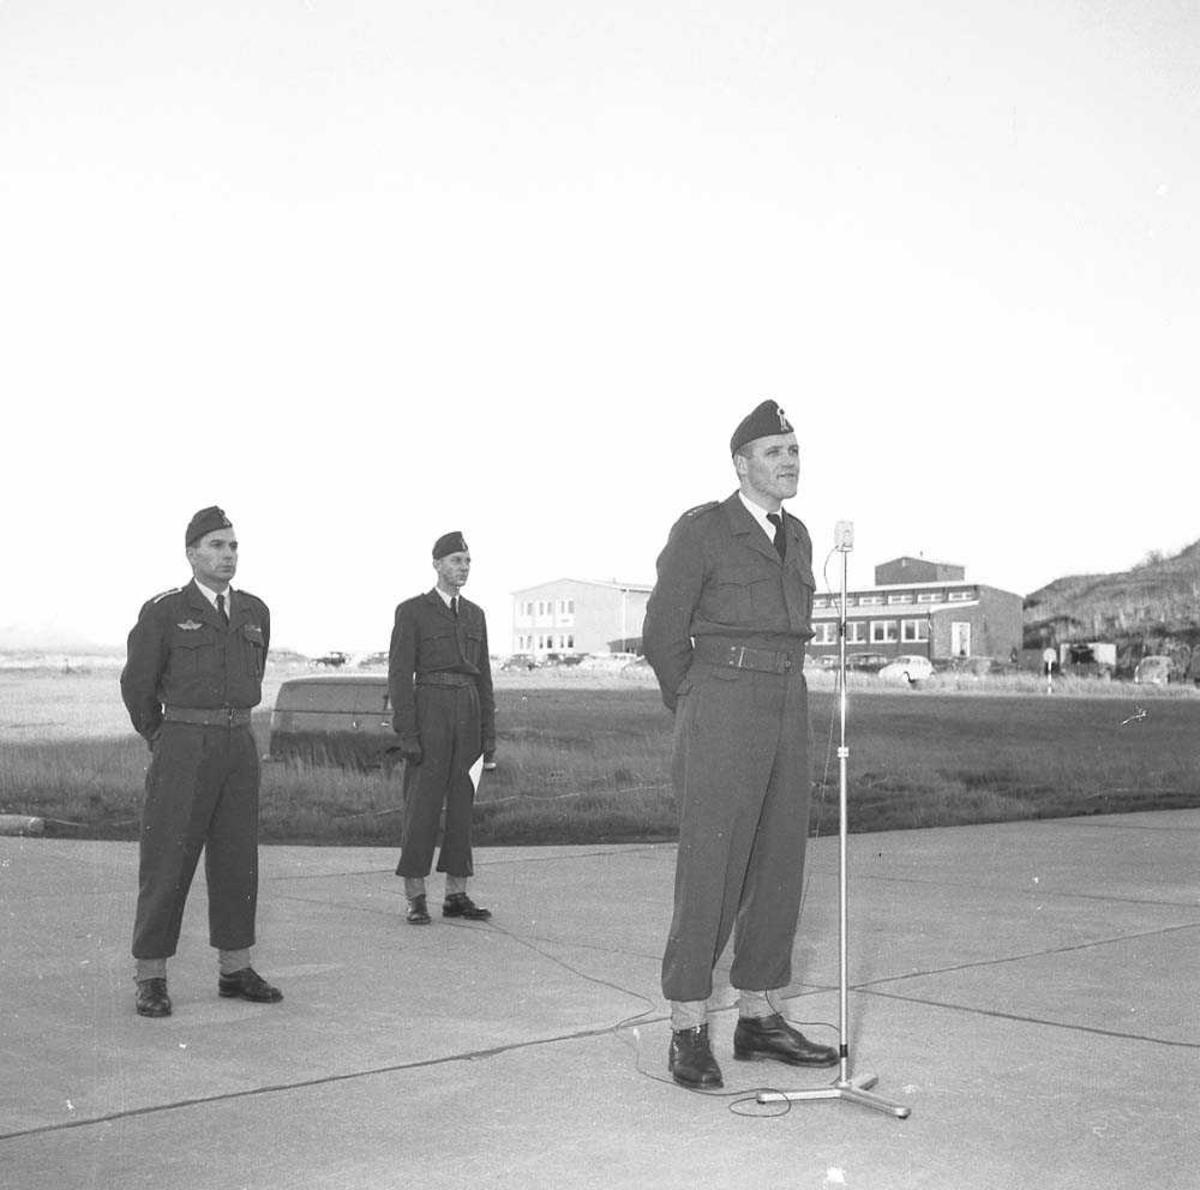 Stasjonsoppstilling ifm Flyvåpenets 15 års dag. Her taler stasjonspresten, Kapt. O. Tysnes (fremst) og bak til venstre sees Oblt. Th. Heine Eriksen.